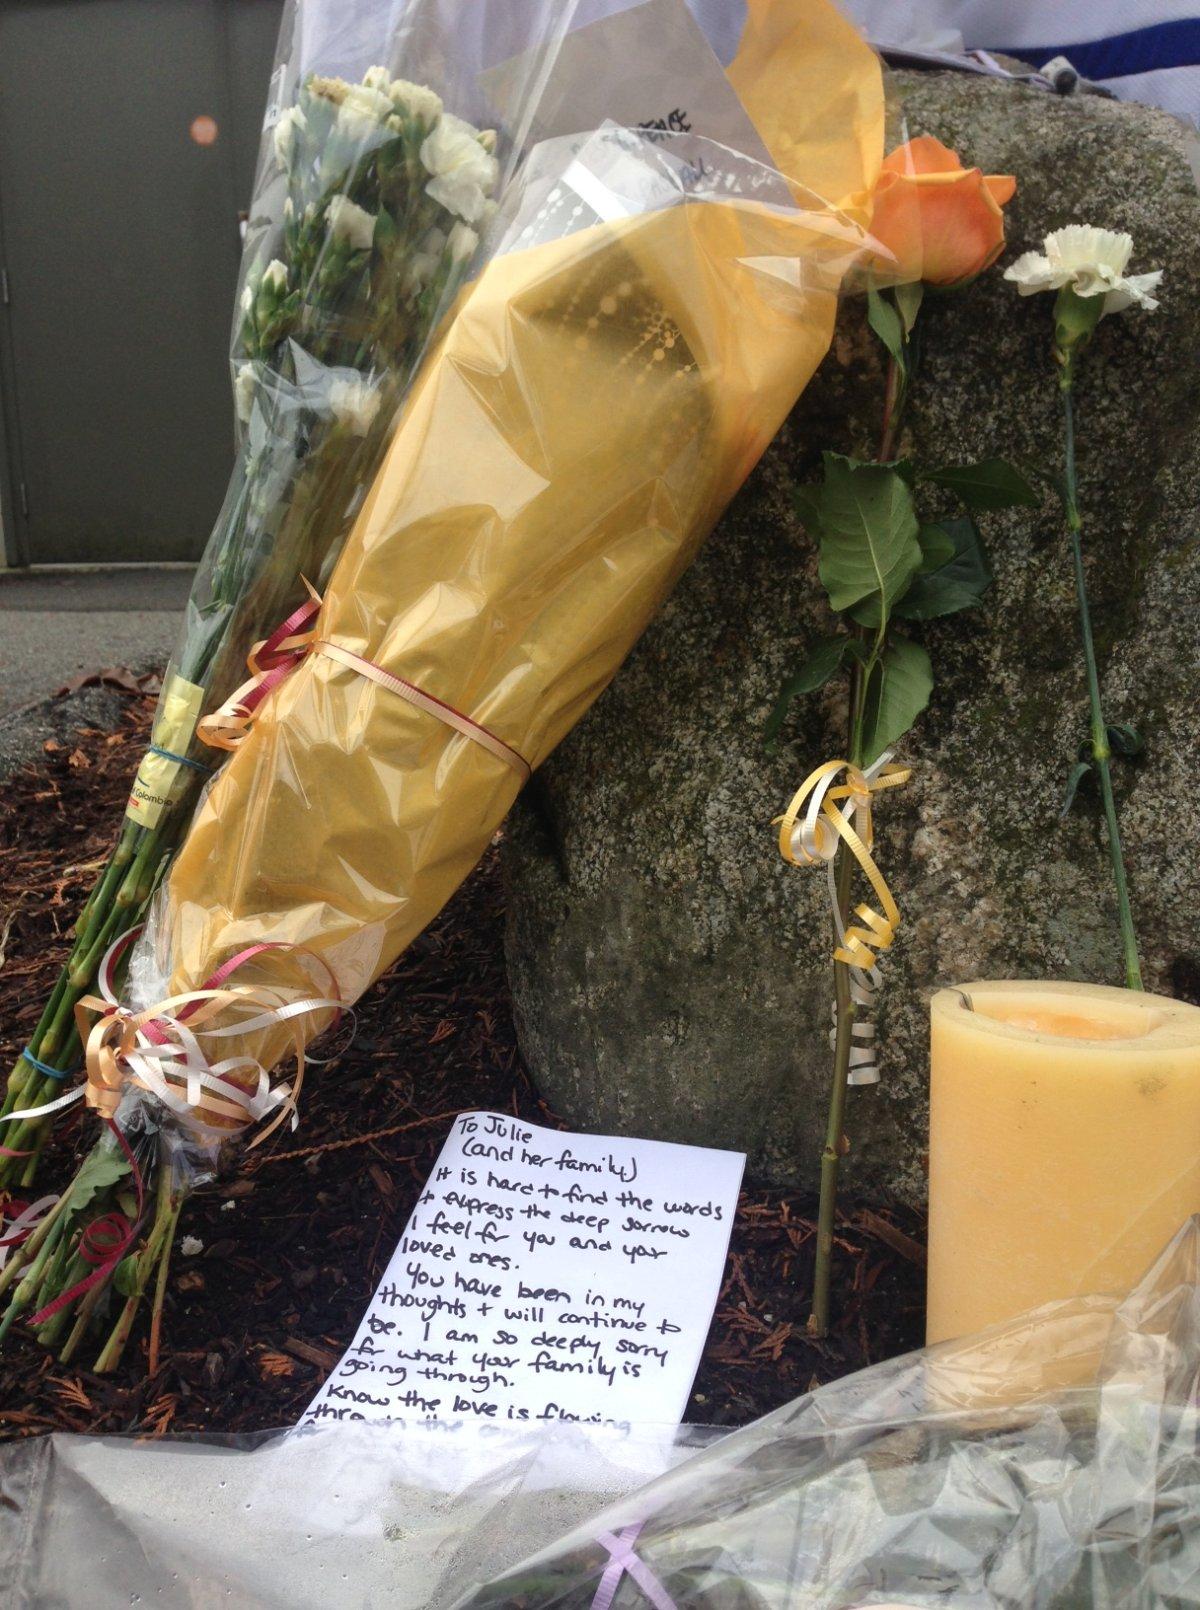 A memorial to Julie Paskall outside the Newton Rec Centre. Jill Bennett / Global News